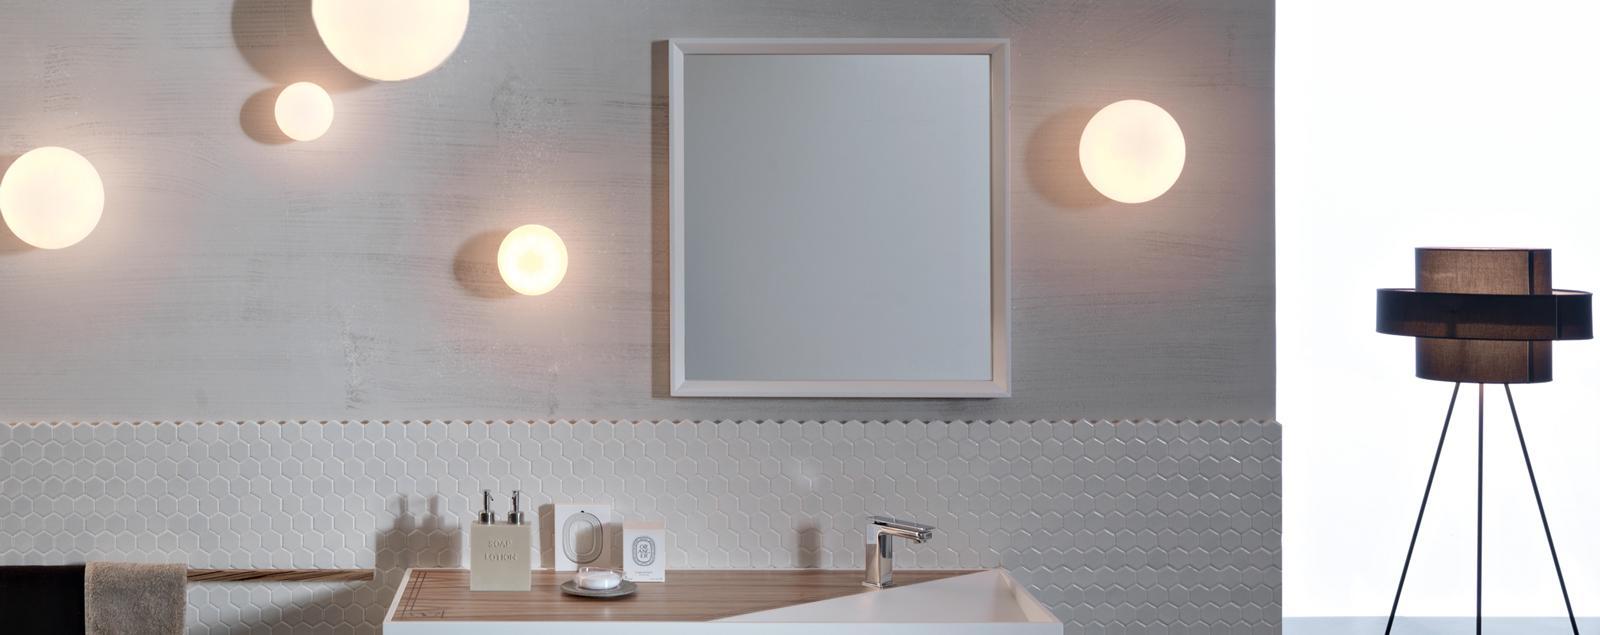 Illuminazione Led A Muro f07 lumi sfera wall and ceiling lamp - fabbian illuminazione